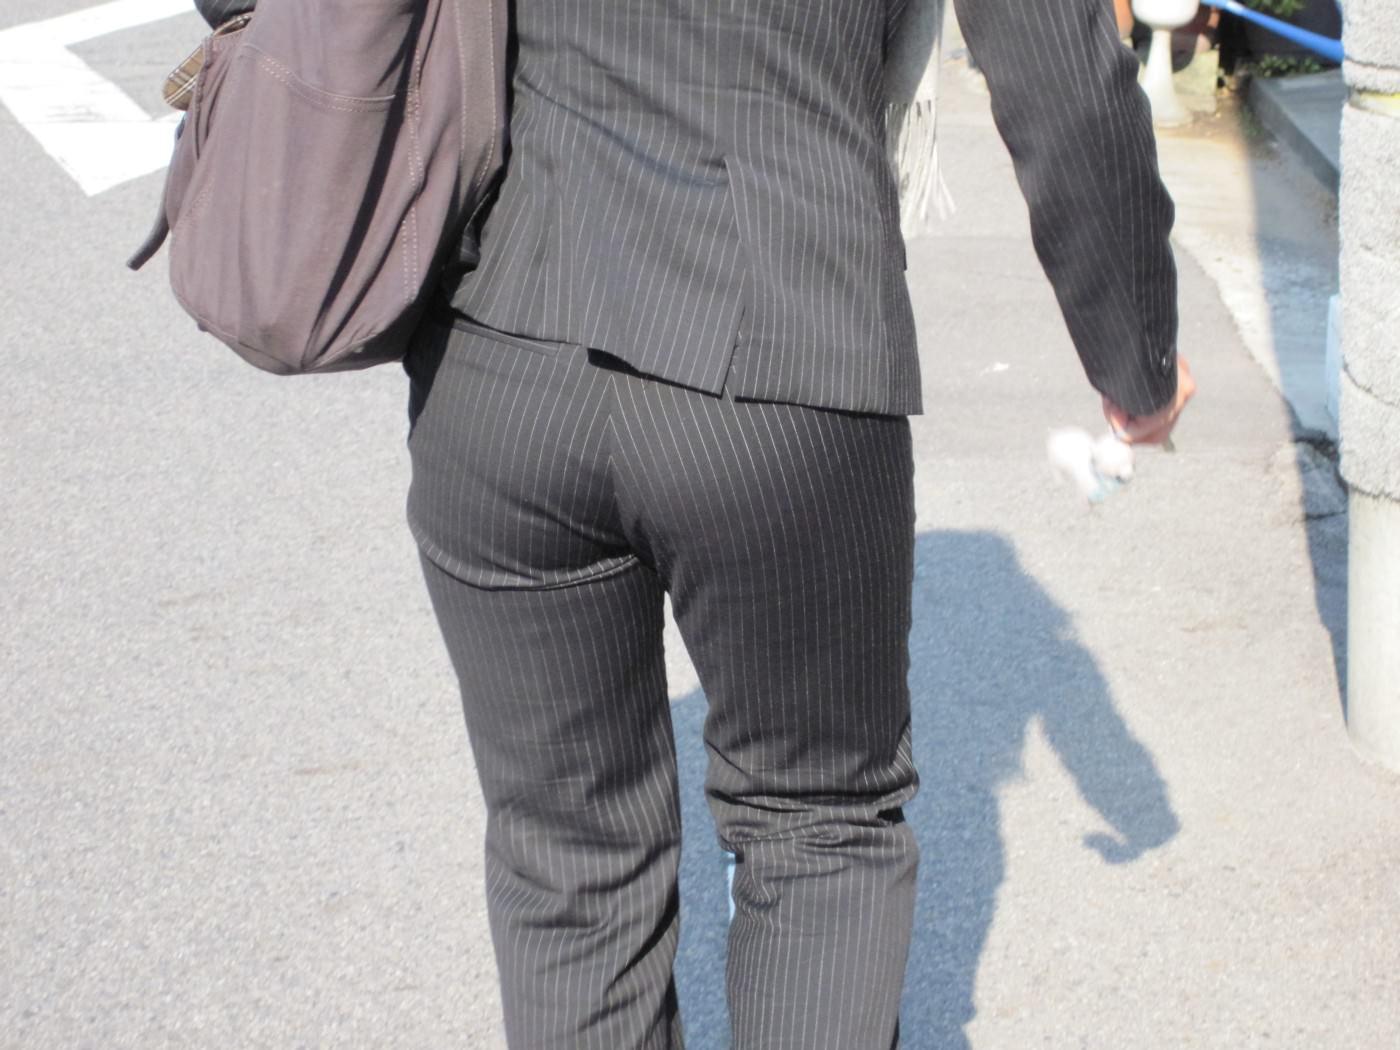 スーツ姿のOLのお尻を街撮りしたエロ画像 774